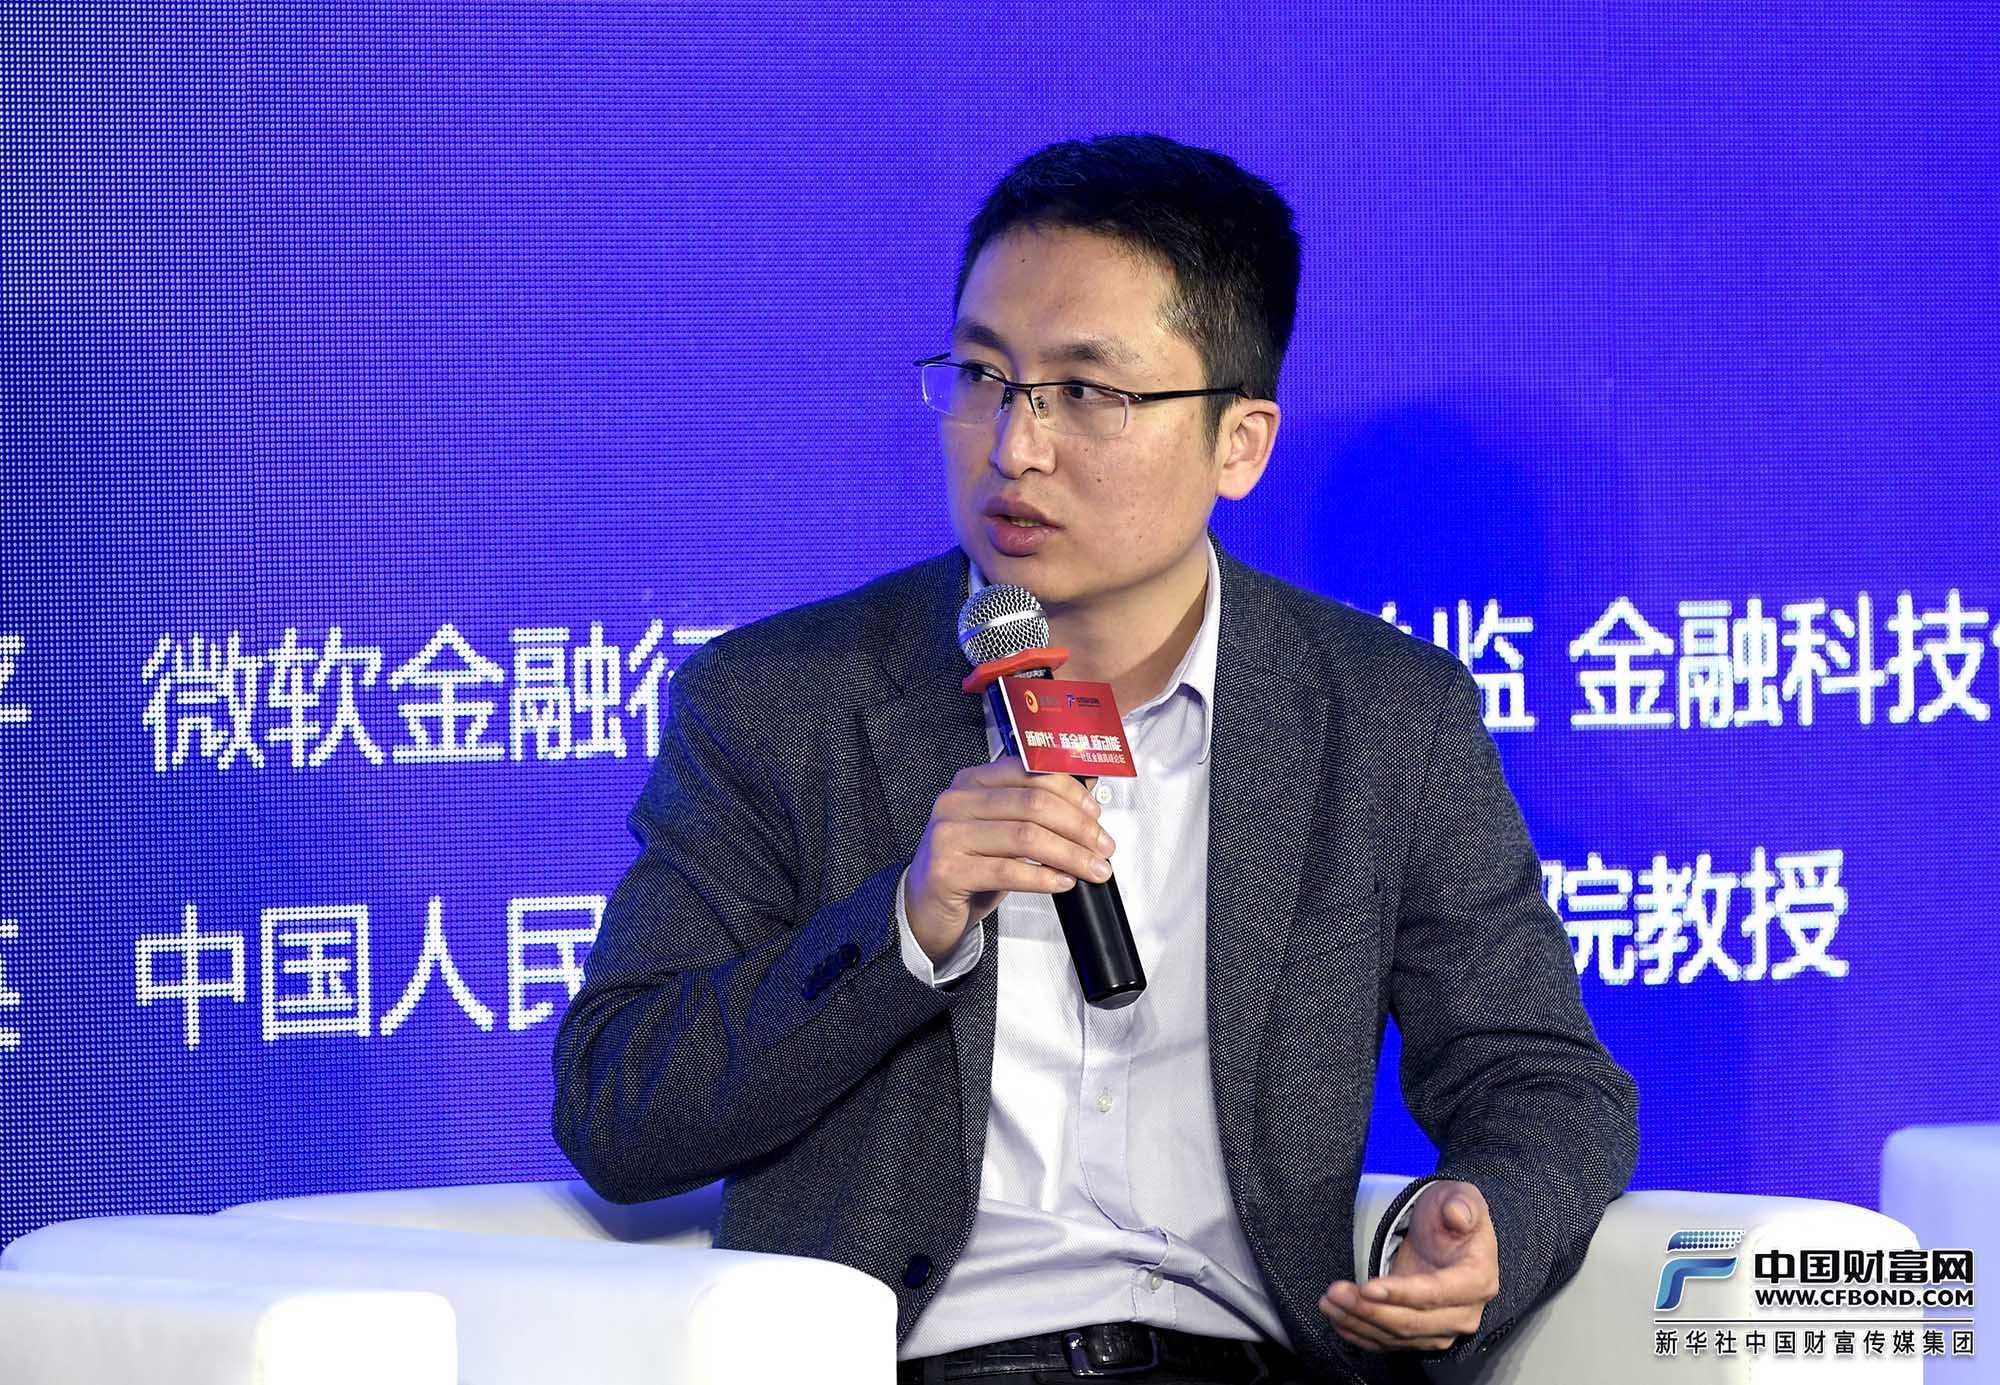 圆桌论坛三发言嘉宾:微软金融行业战略技术总监李国平